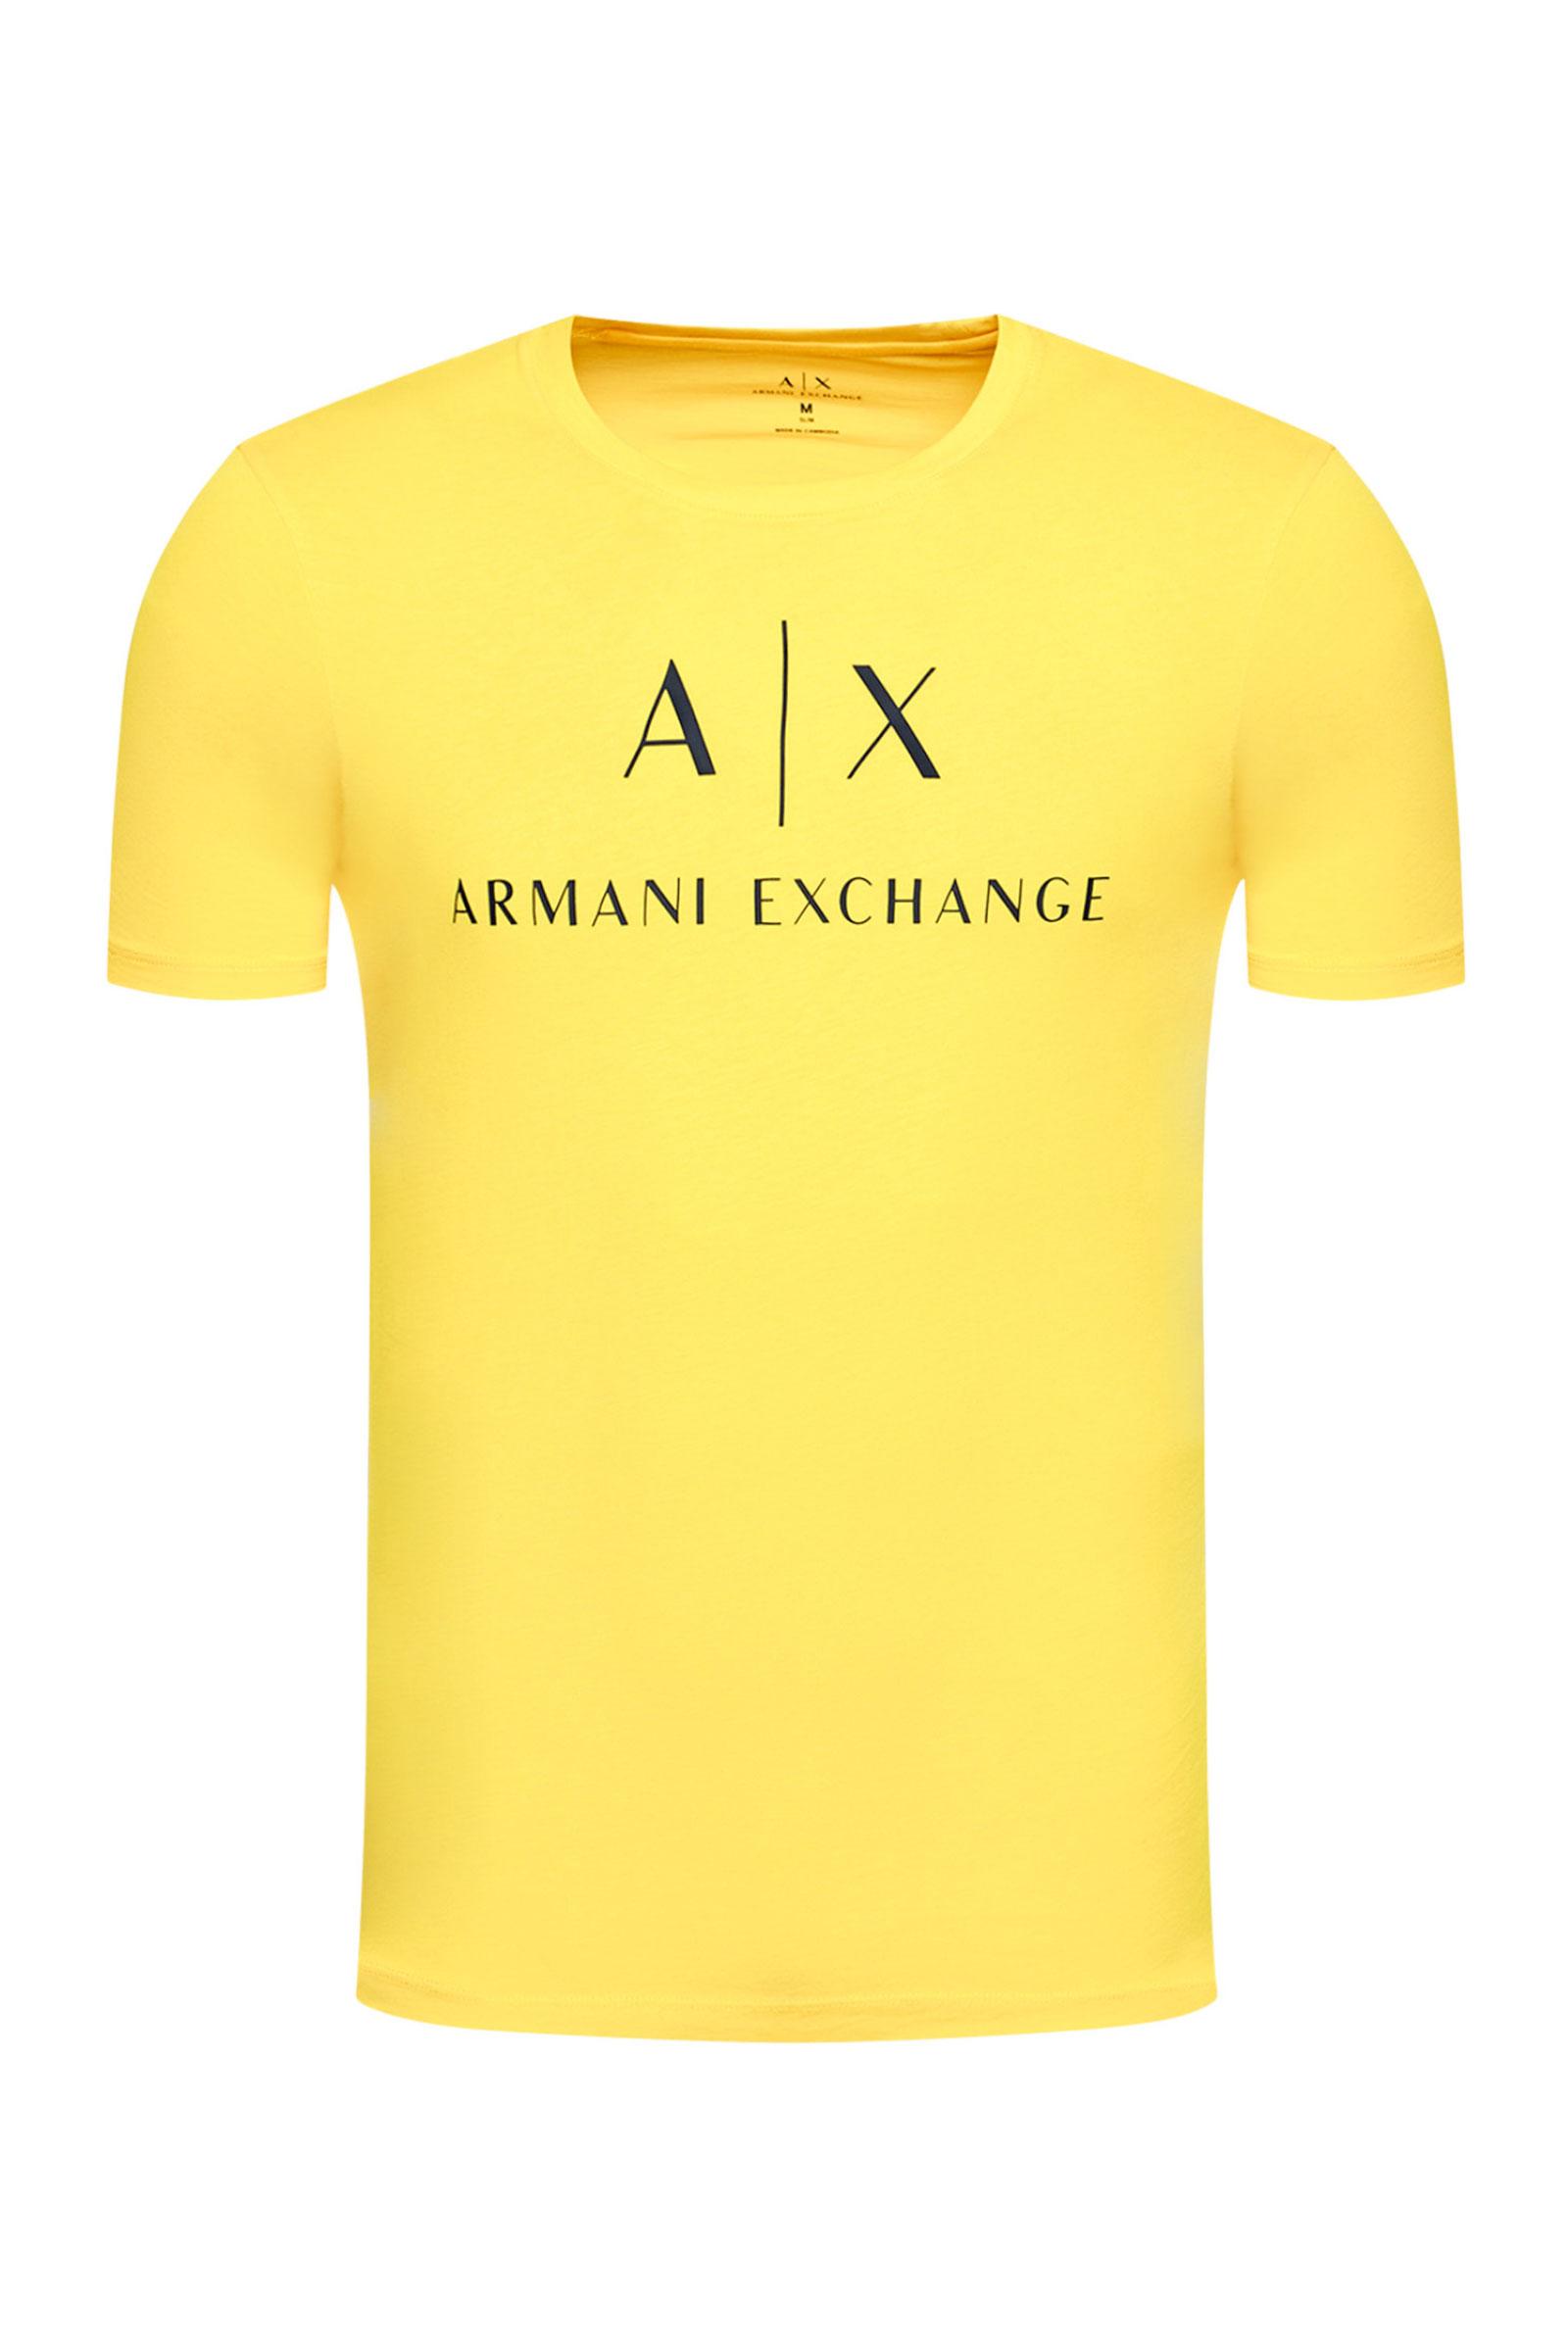 ARMANI EXCHANGE T-Shirt Uomo ARMANI EXCHANGE   T-Shirt   8NZTCJ Z8H4Z1620